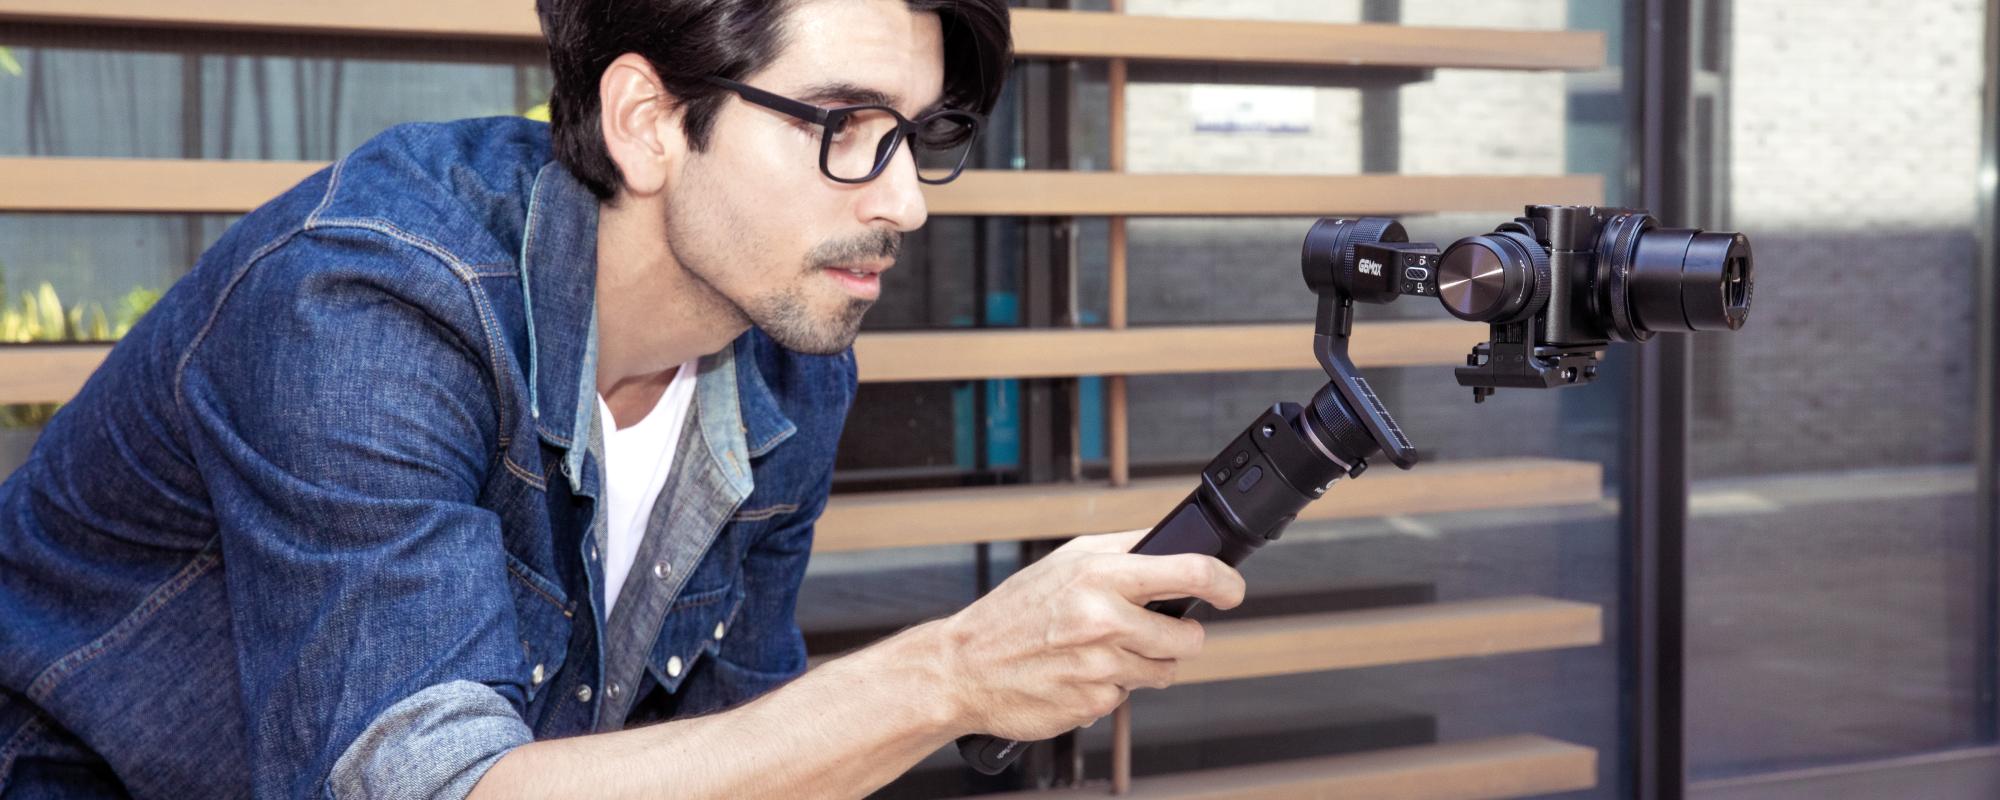 Mężczyzna filmuje swoim aparatem cyfrowym umieszczonym na gimbalu G6 MAX